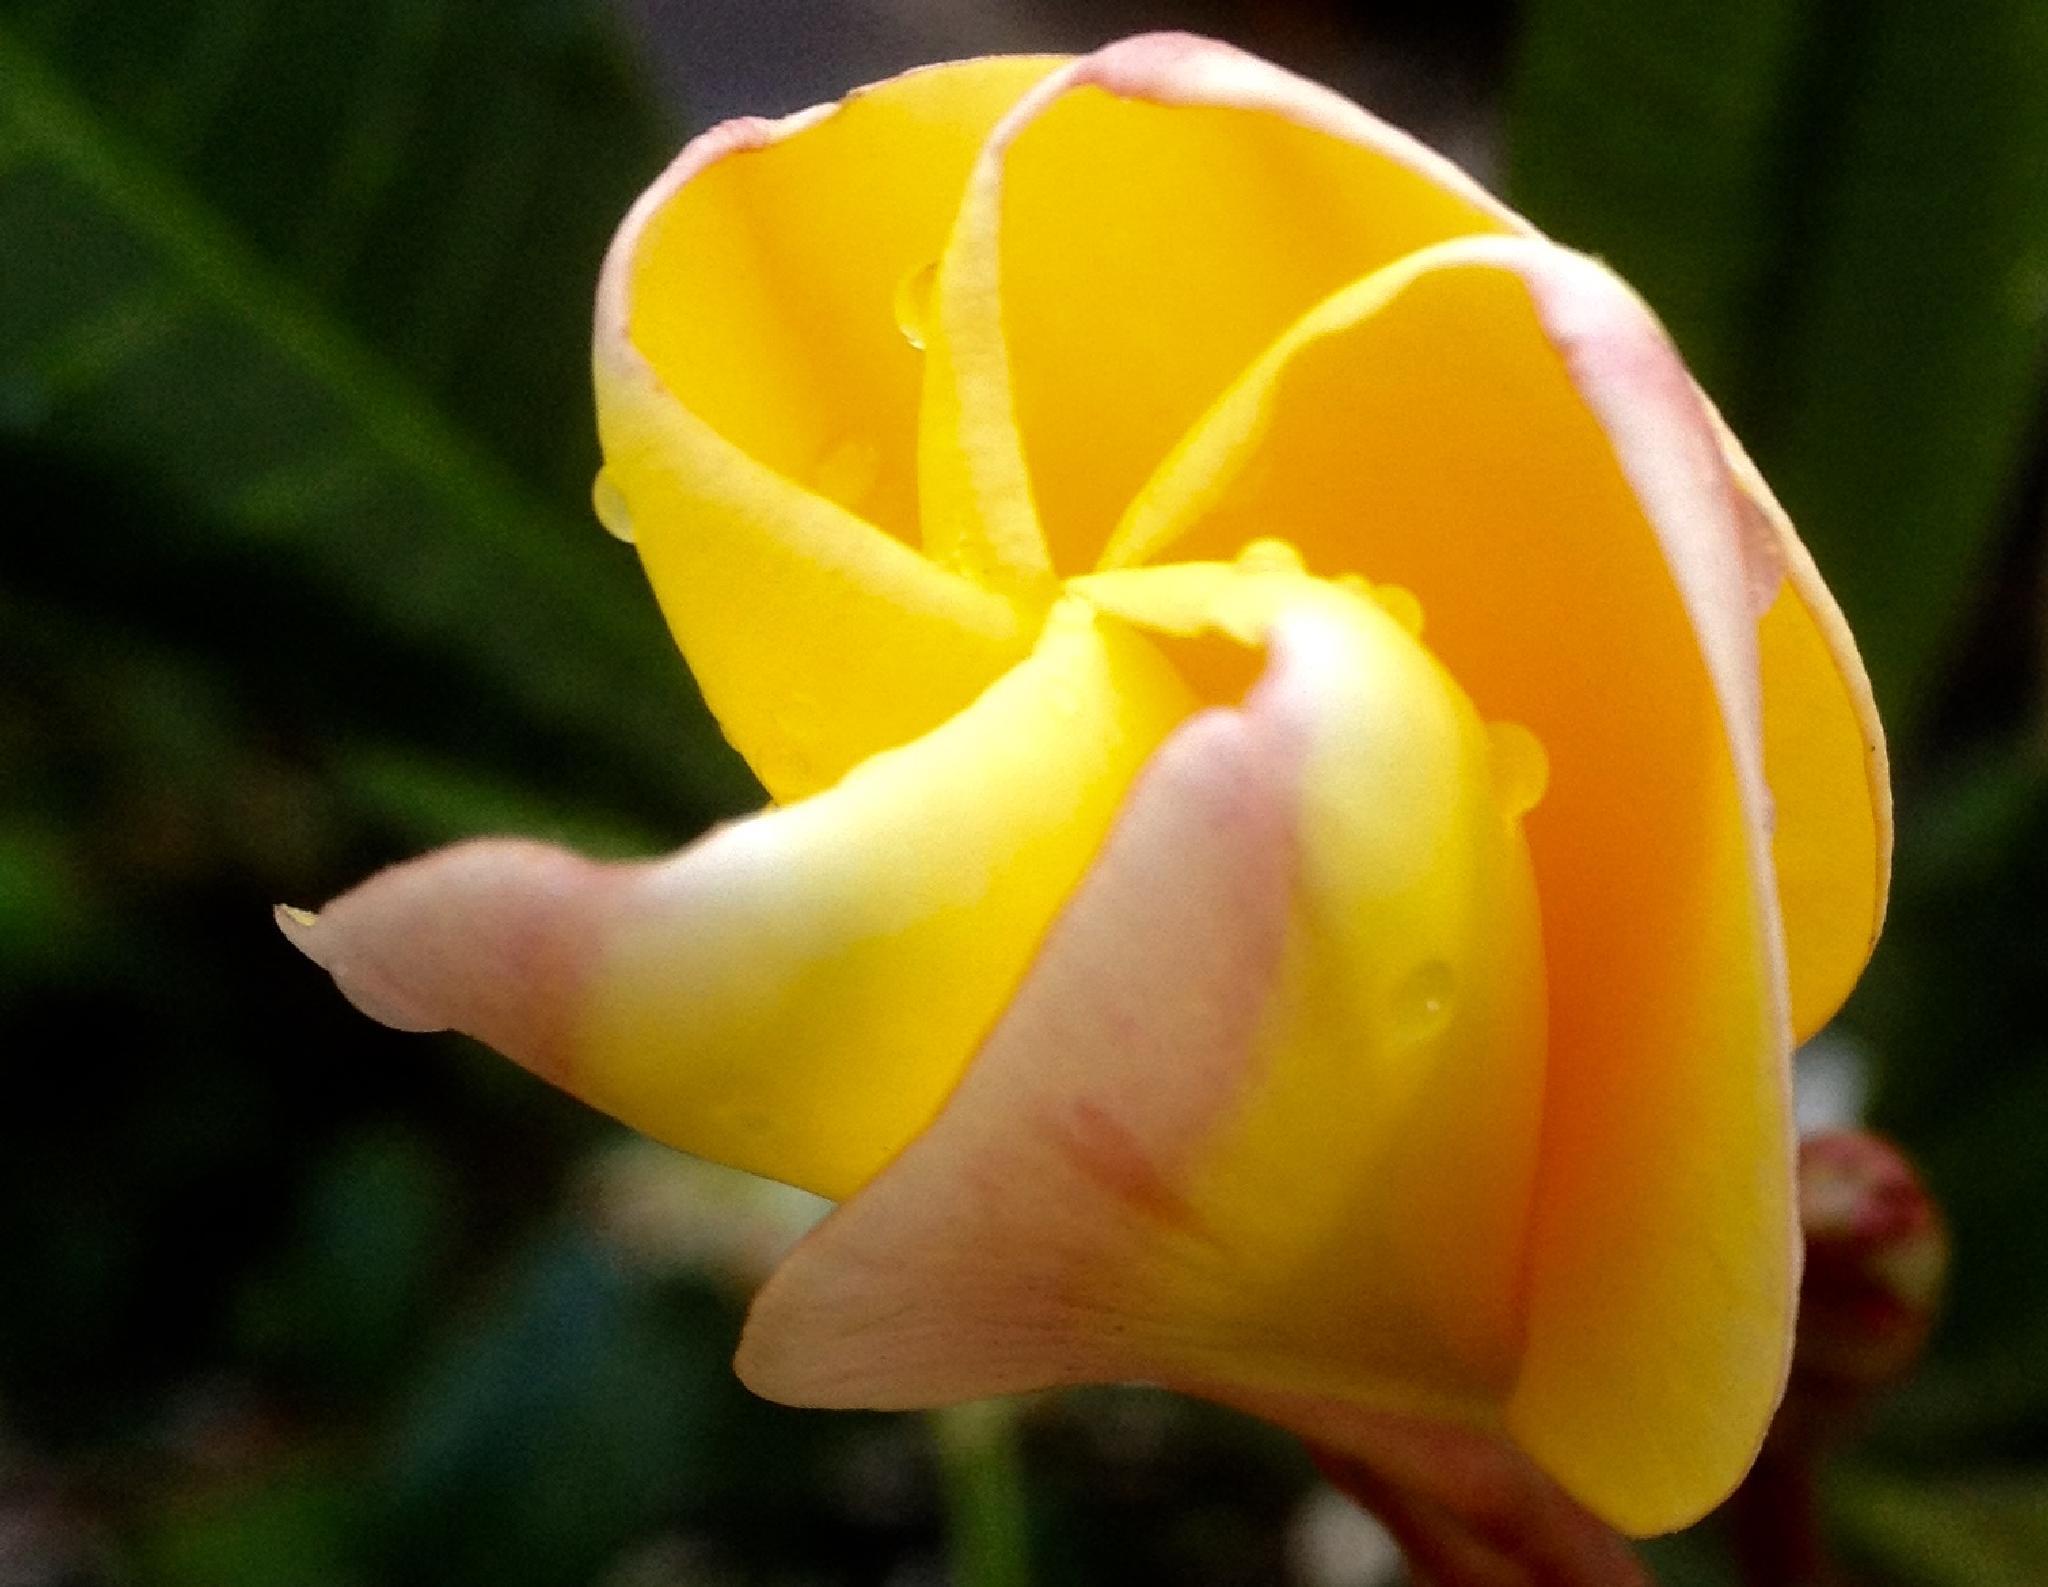 Waiting To Bloom by dorothy.keeseecherkas